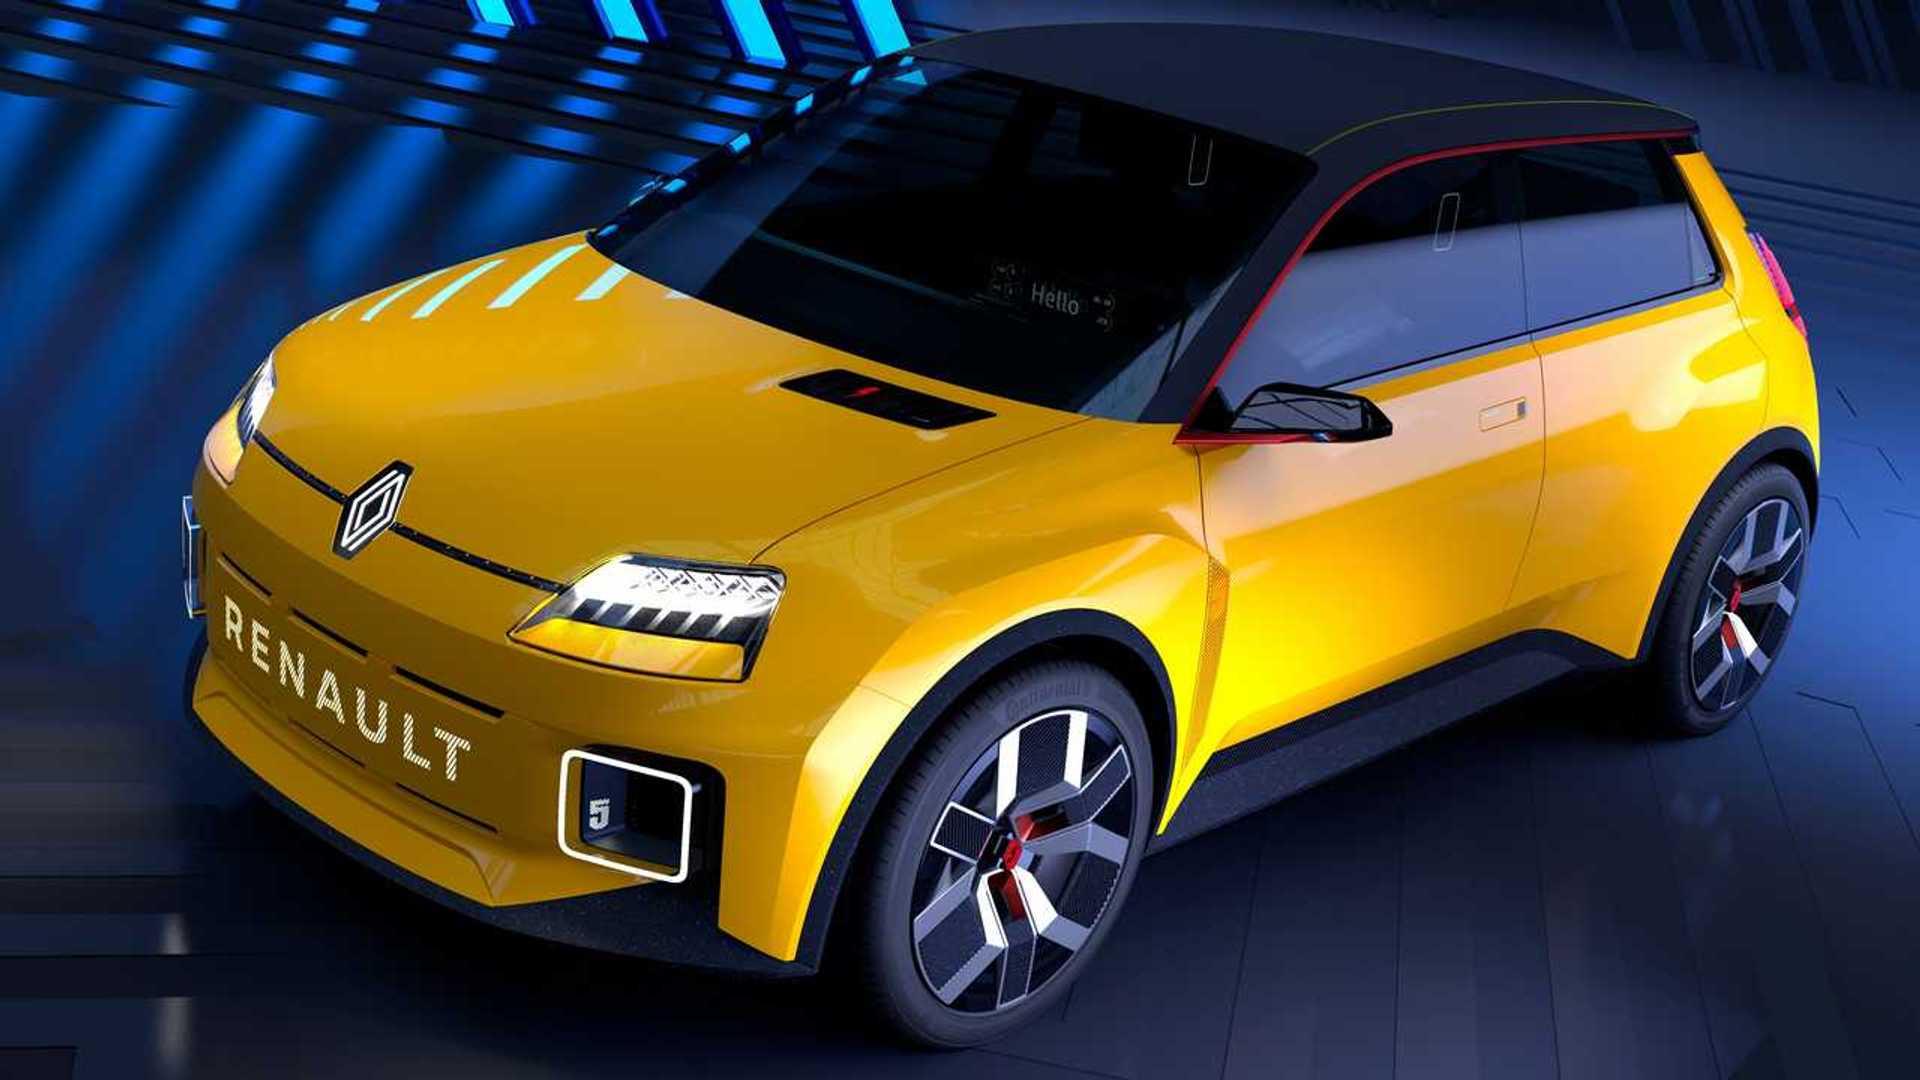 Renault 5 Prototype - La R5 de retour en version électrique